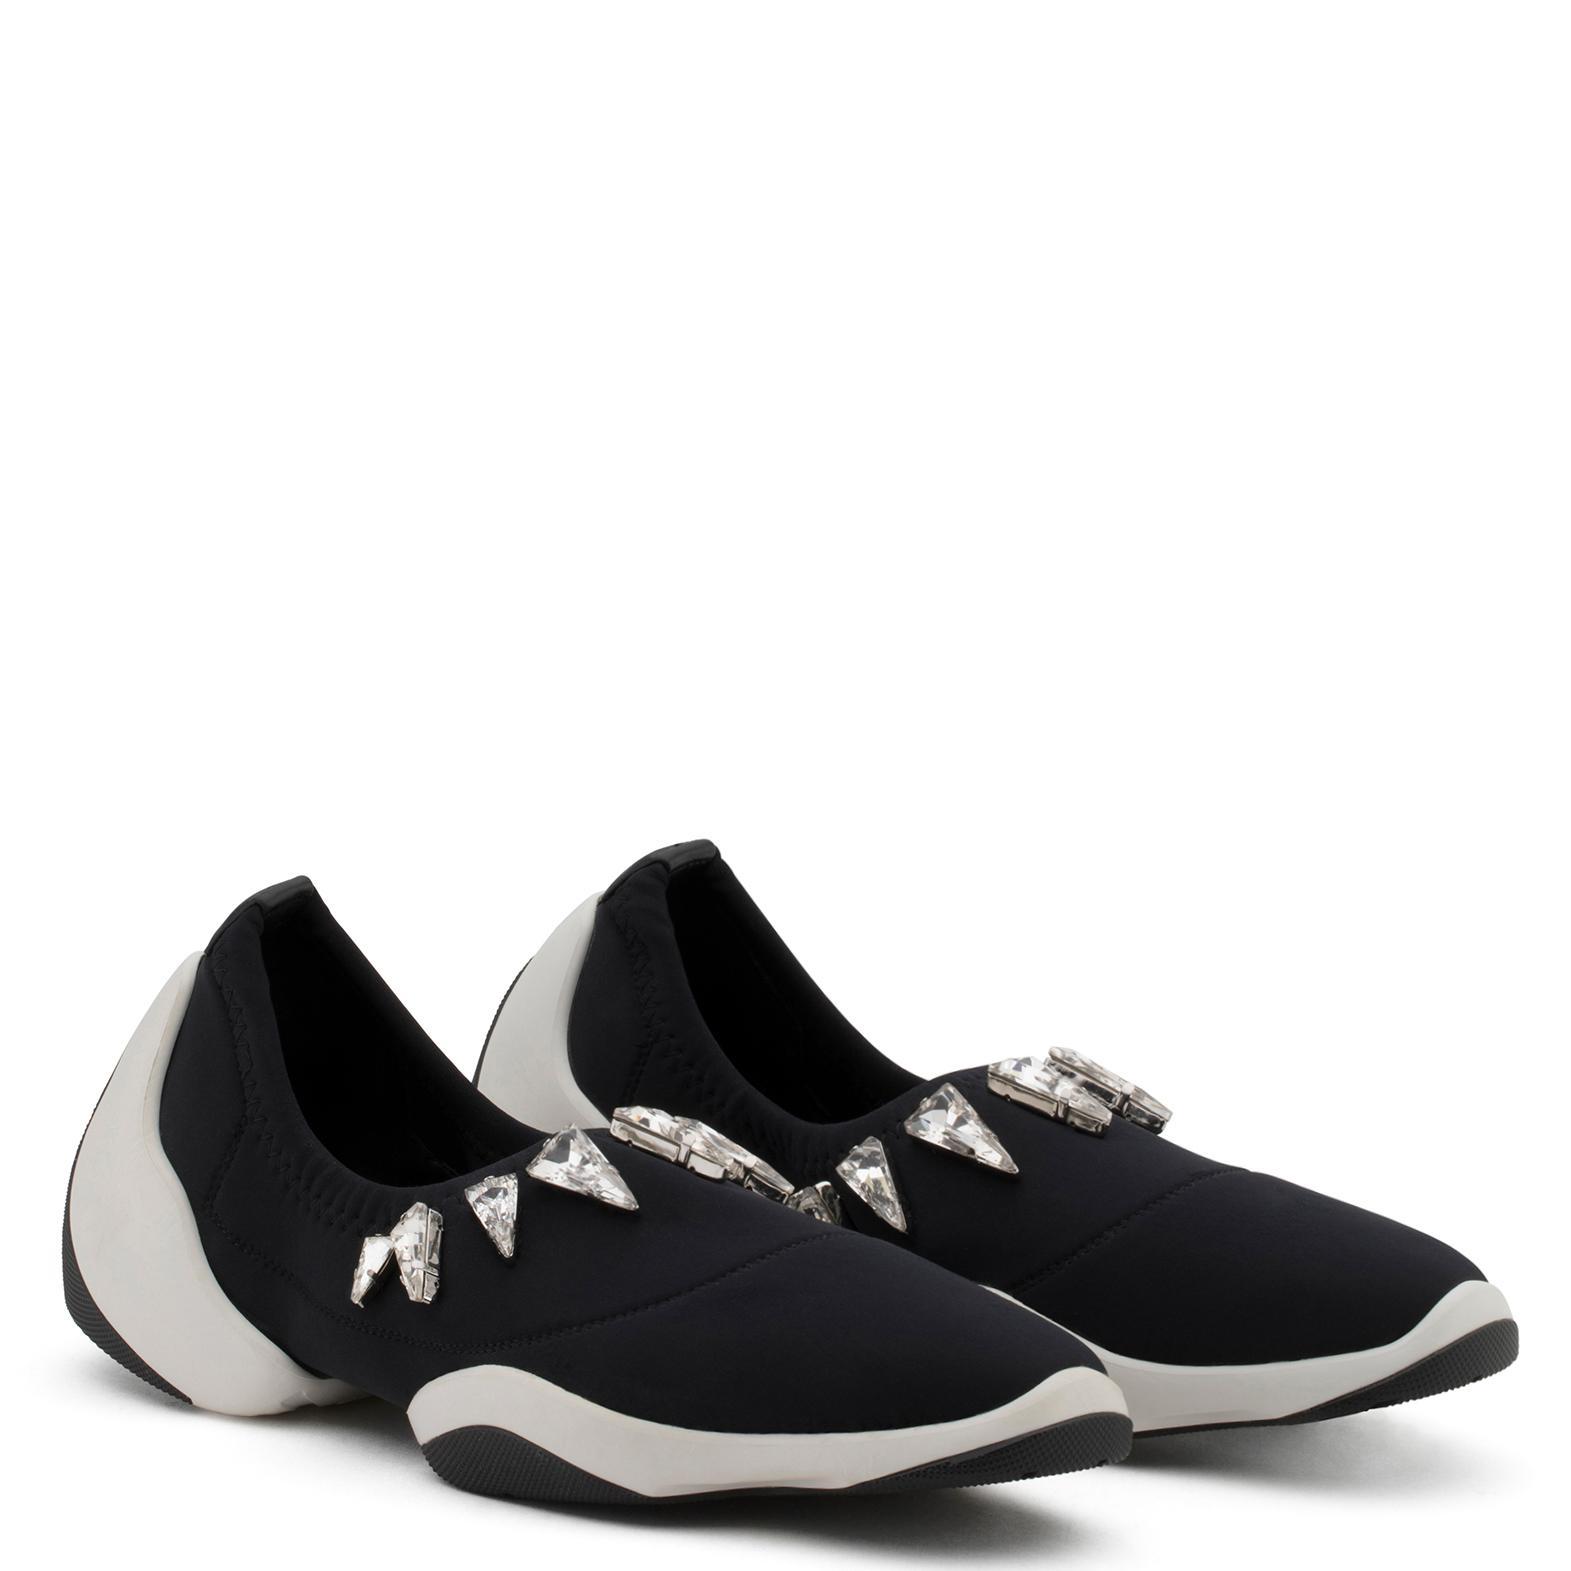 Lumière Design Saut Lts Giuseppe Zanotti Chaussures De Sport - Noir WdLyfz